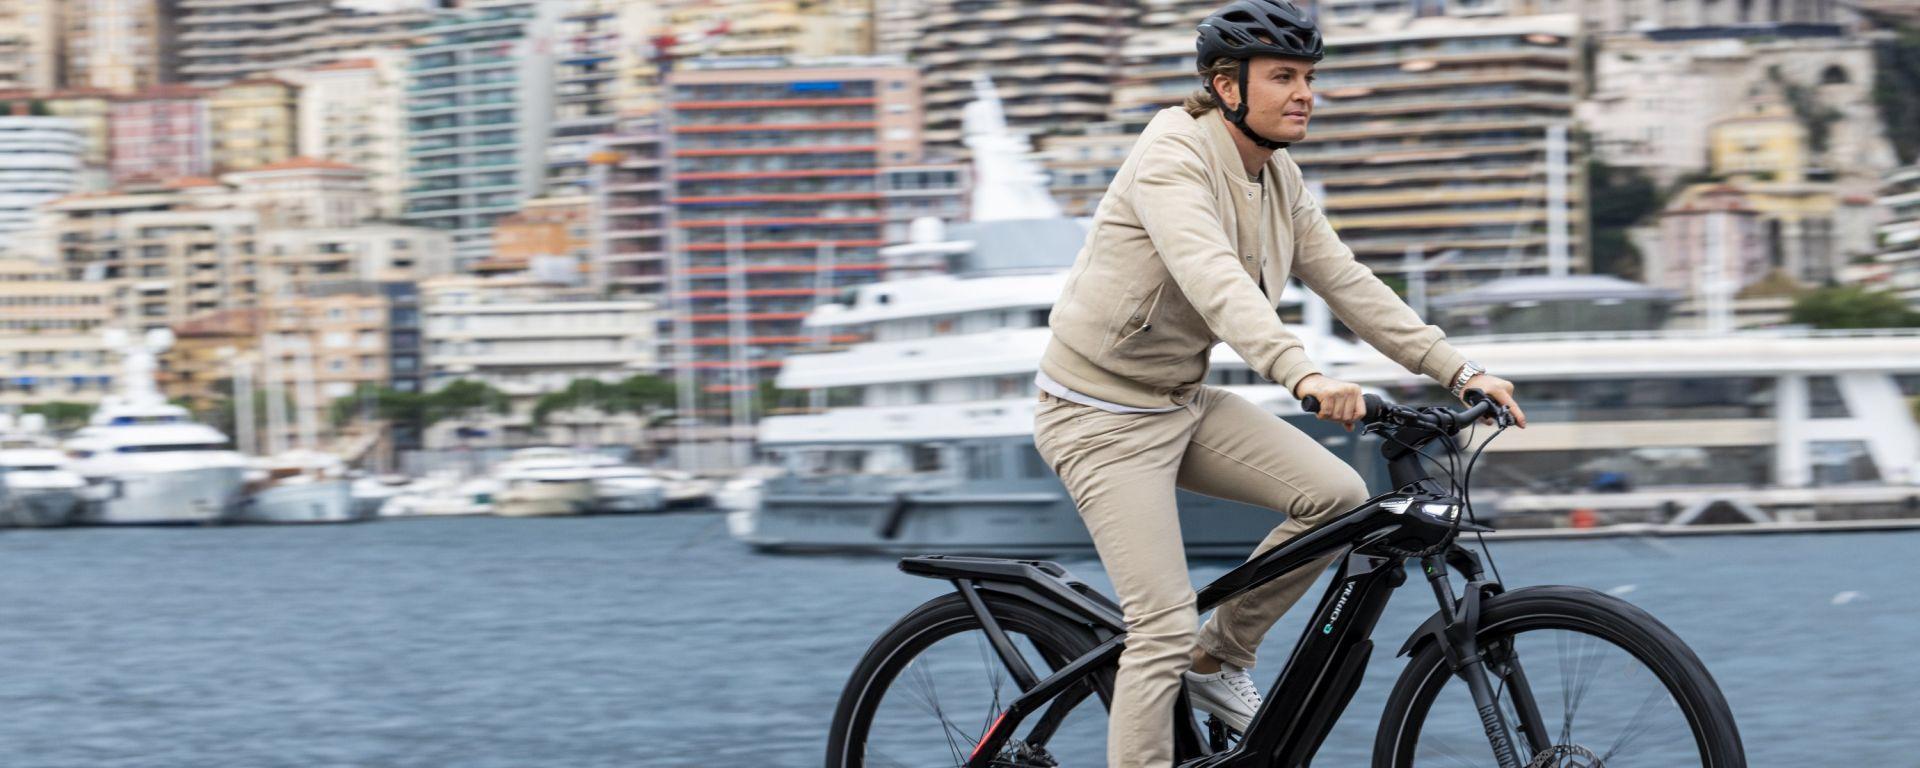 Bianchi e-Omnia, Nico Rosberg in sella alla sua e-bike